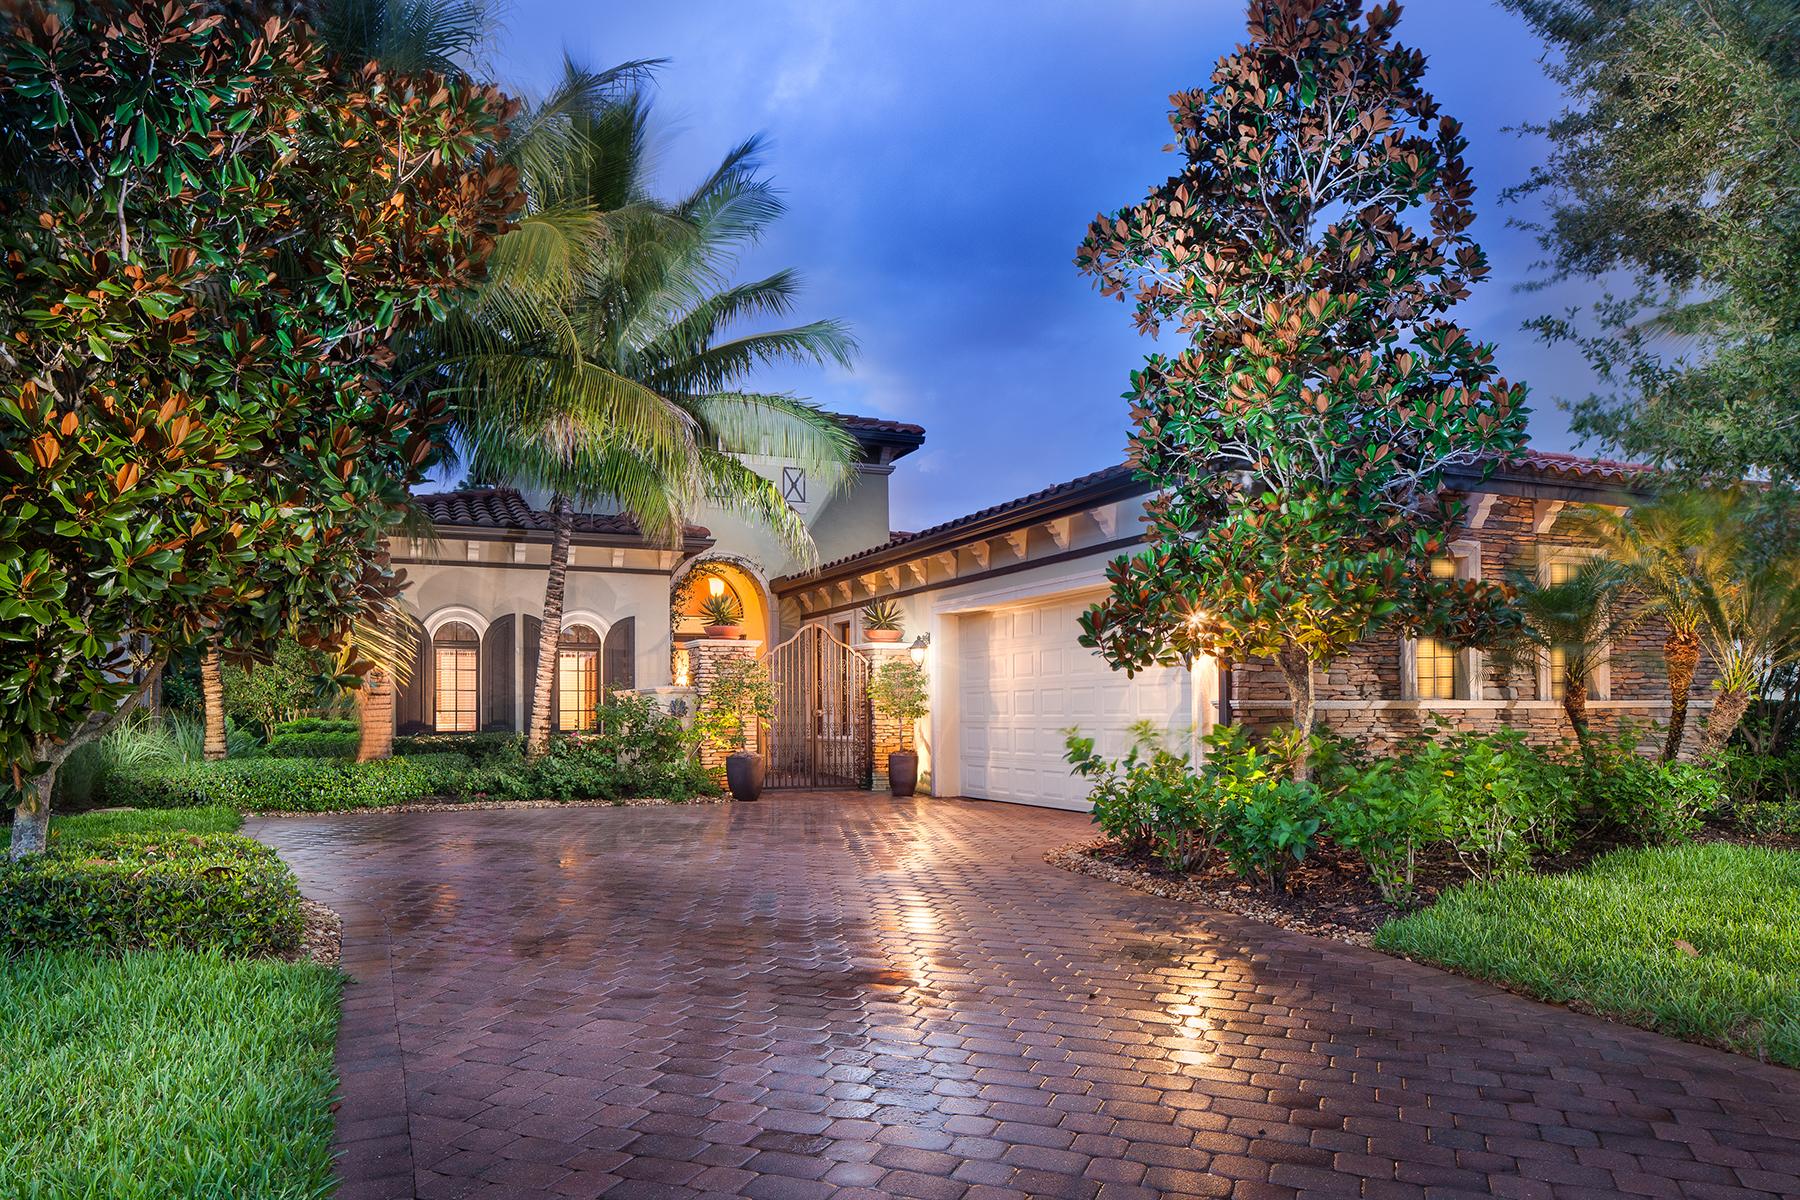 一戸建て のために 売買 アット 16838 Cabreo Dr , Naples, FL 34110 16838 Cabreo Dr Naples, フロリダ, 34110 アメリカ合衆国